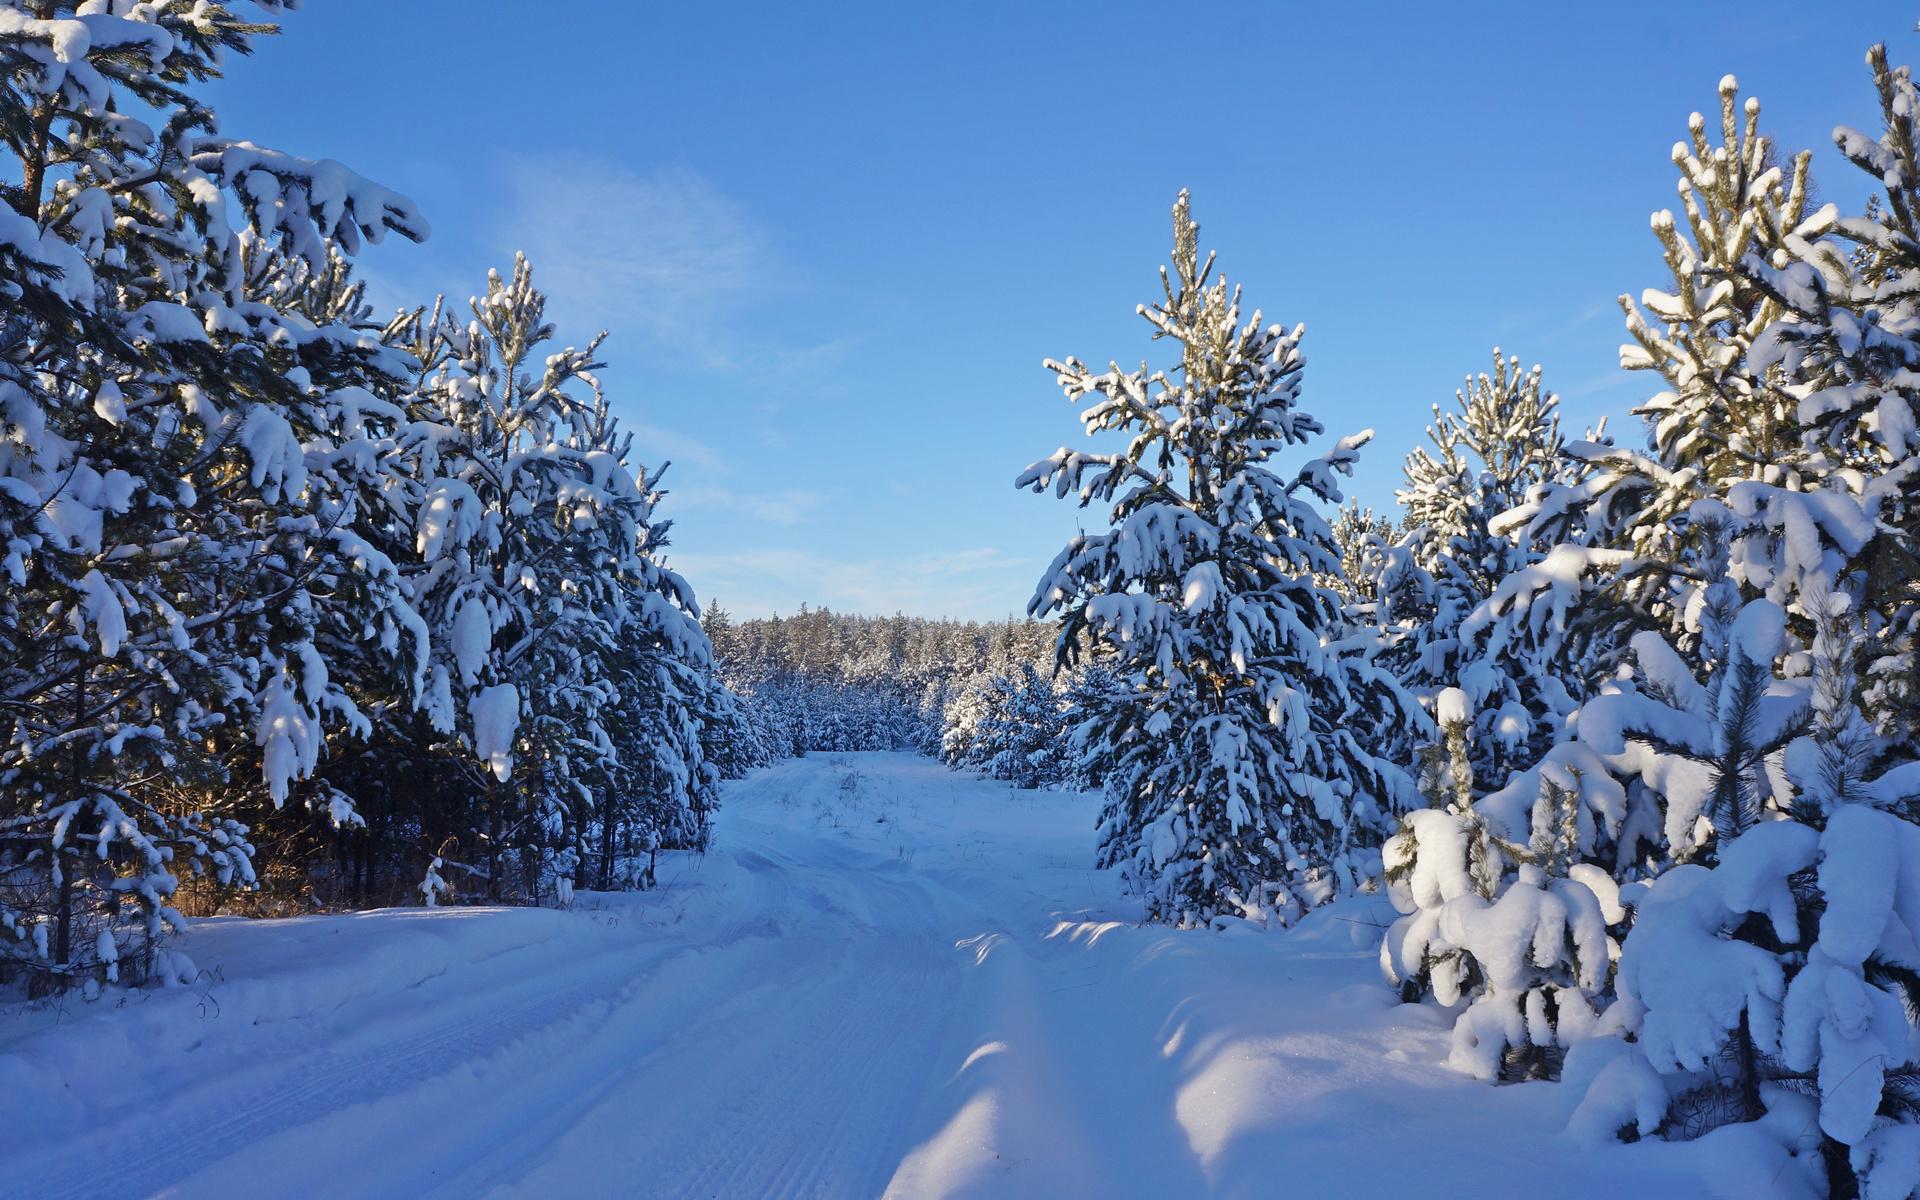 природа, пейзаж, зима, снег, сугробы, деревья, ели, лес, дорога